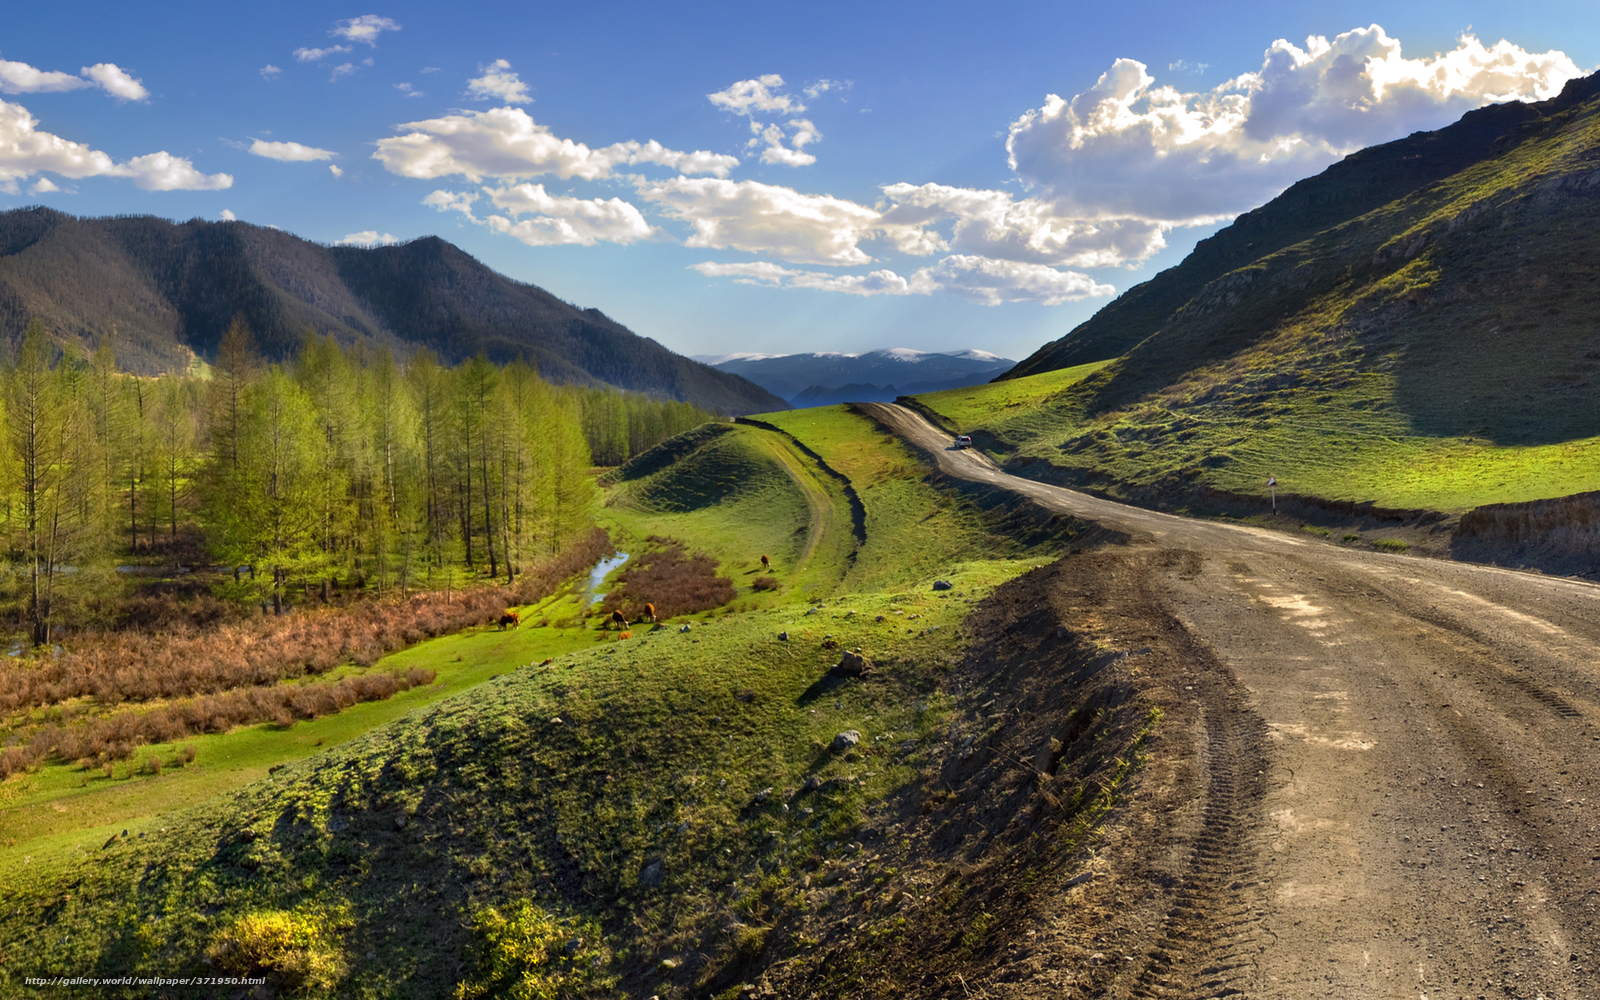 Tlcharger fond d 39 ecran montagnes de l 39 alta route paysage for Paysage definition